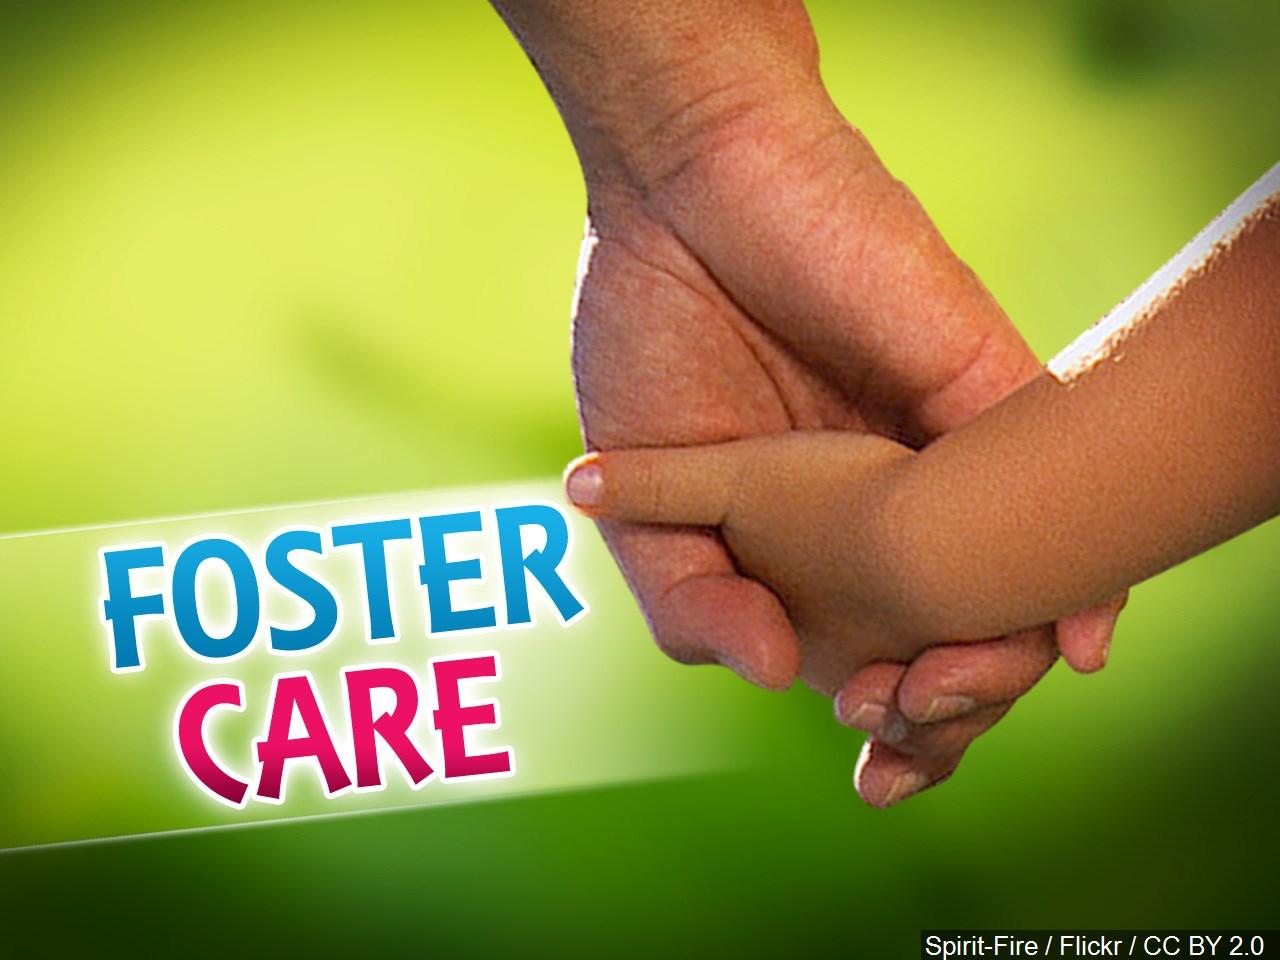 fostercaregeneric.jpg